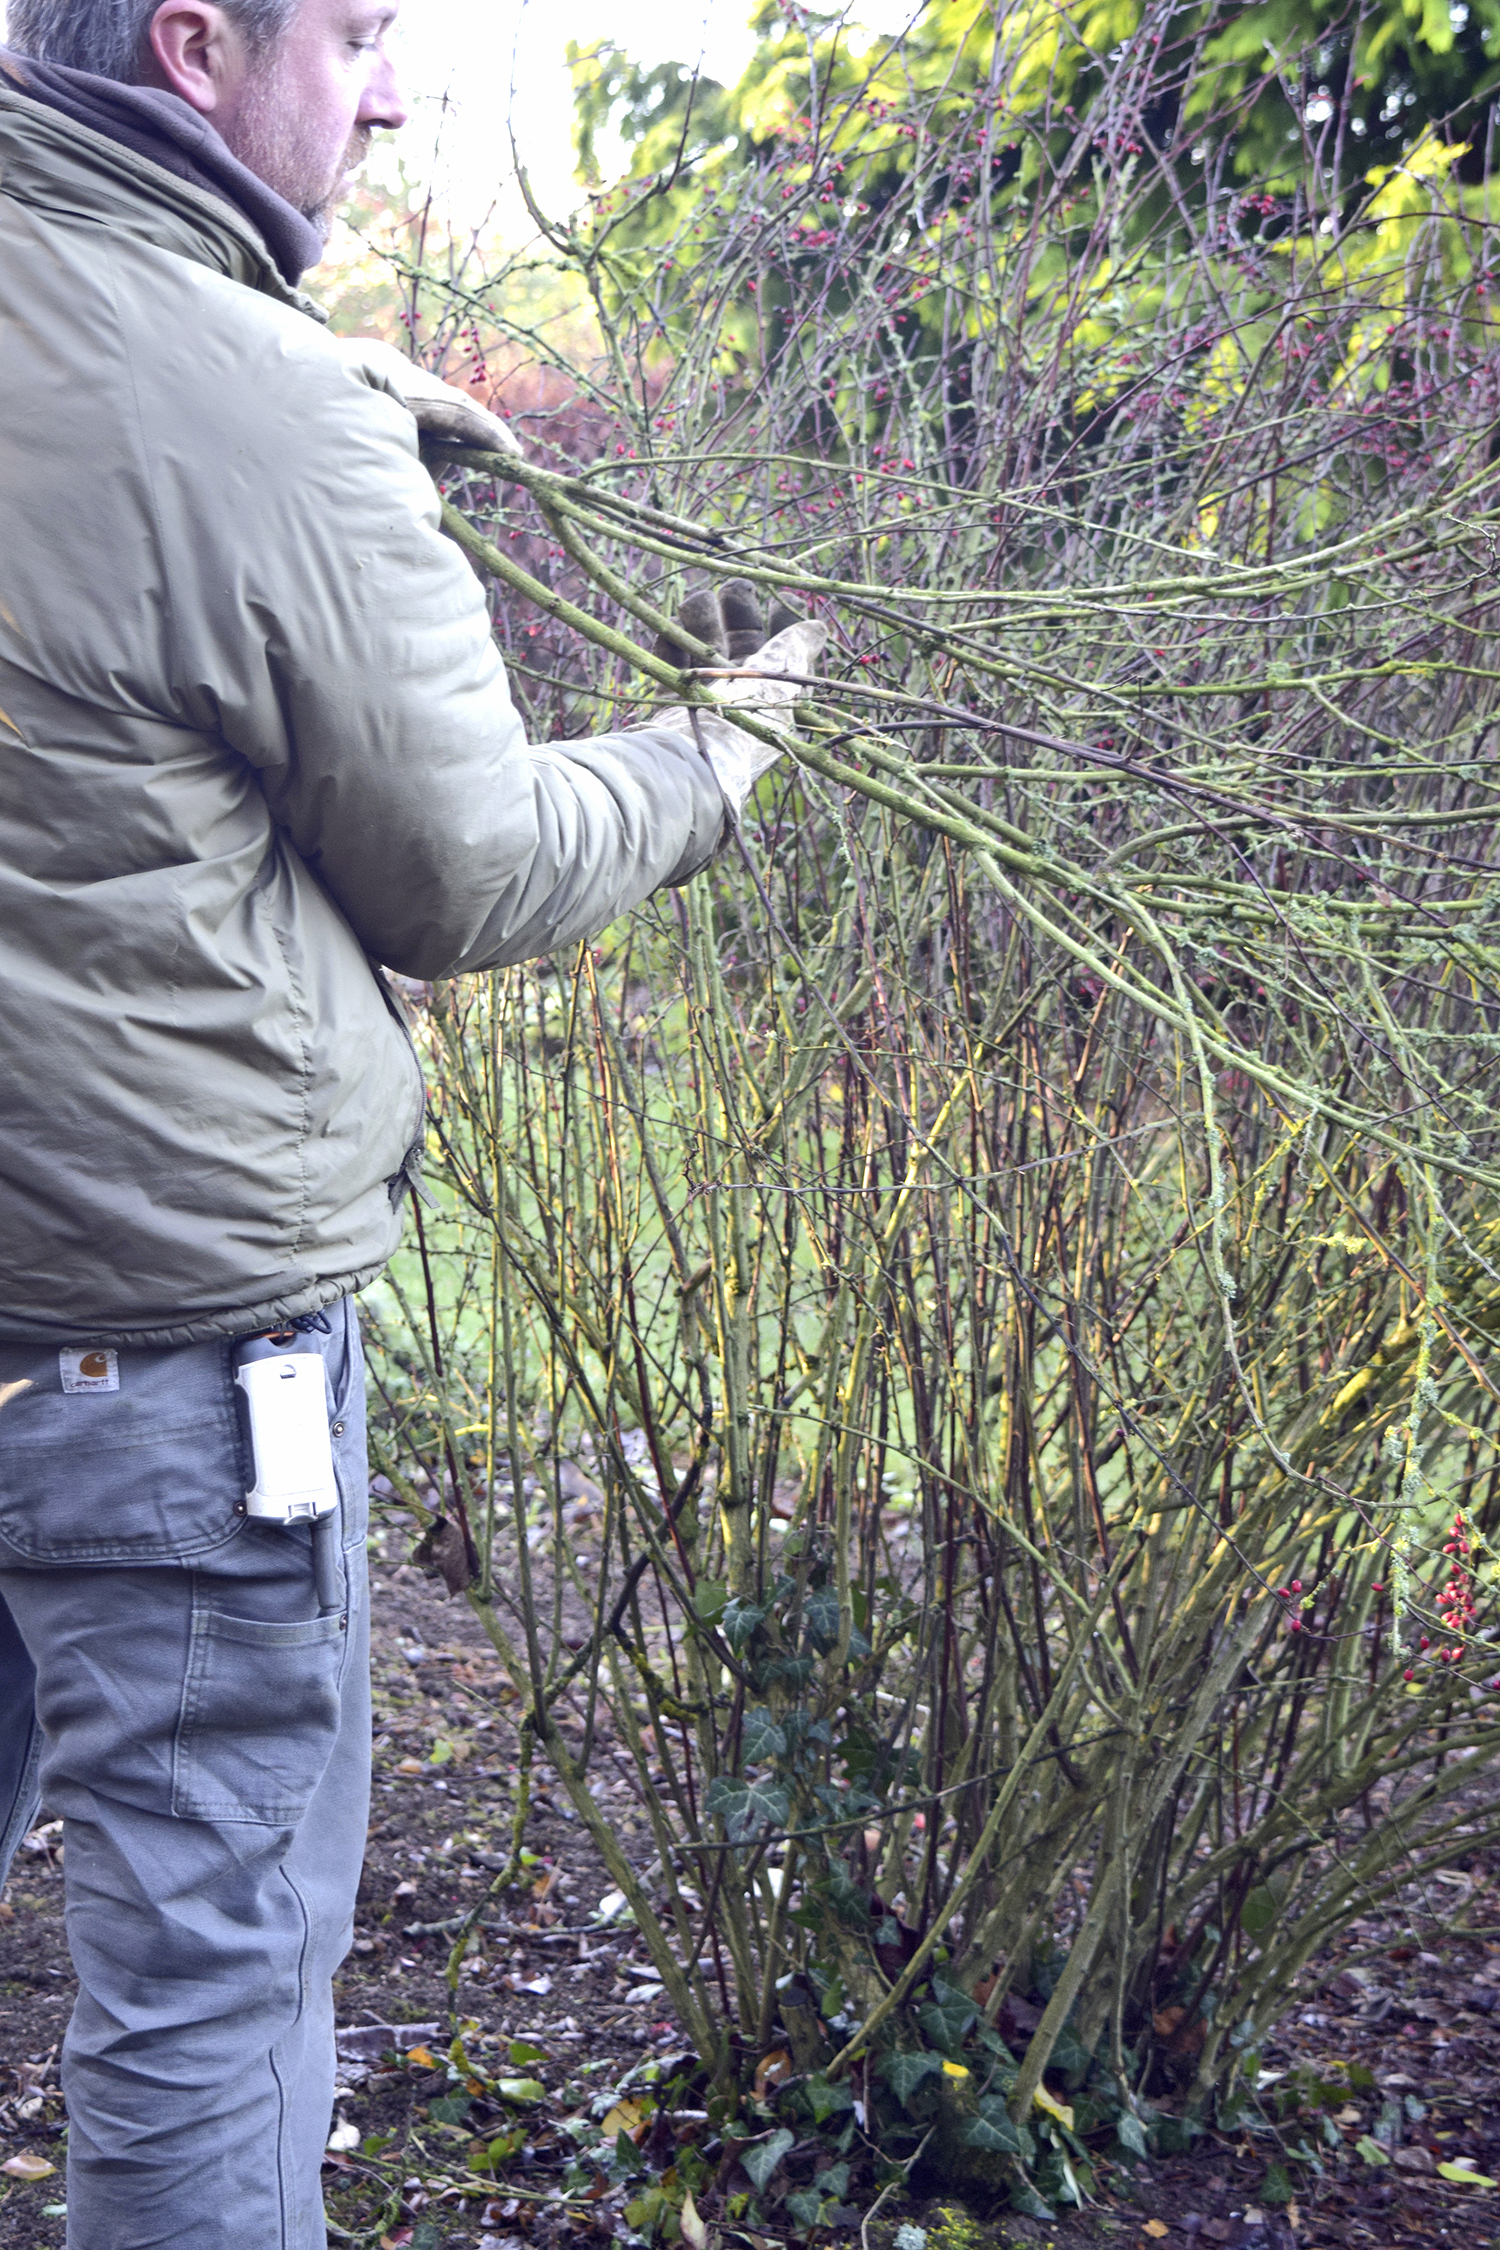 5. Remove lax branches